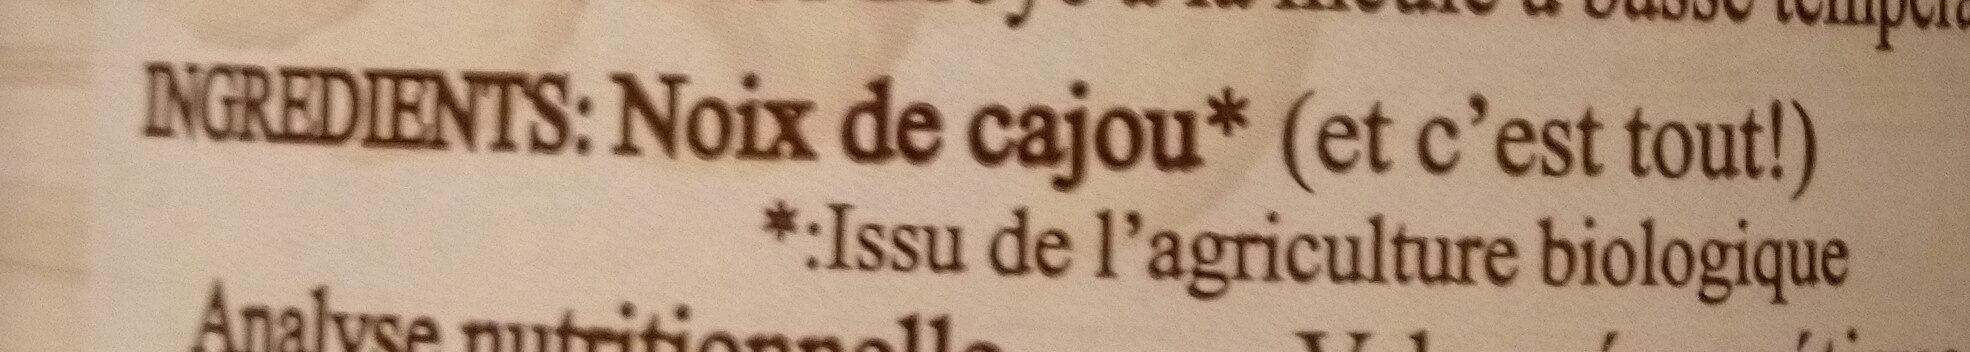 Purée Noix de cajou - Ingrédients - fr